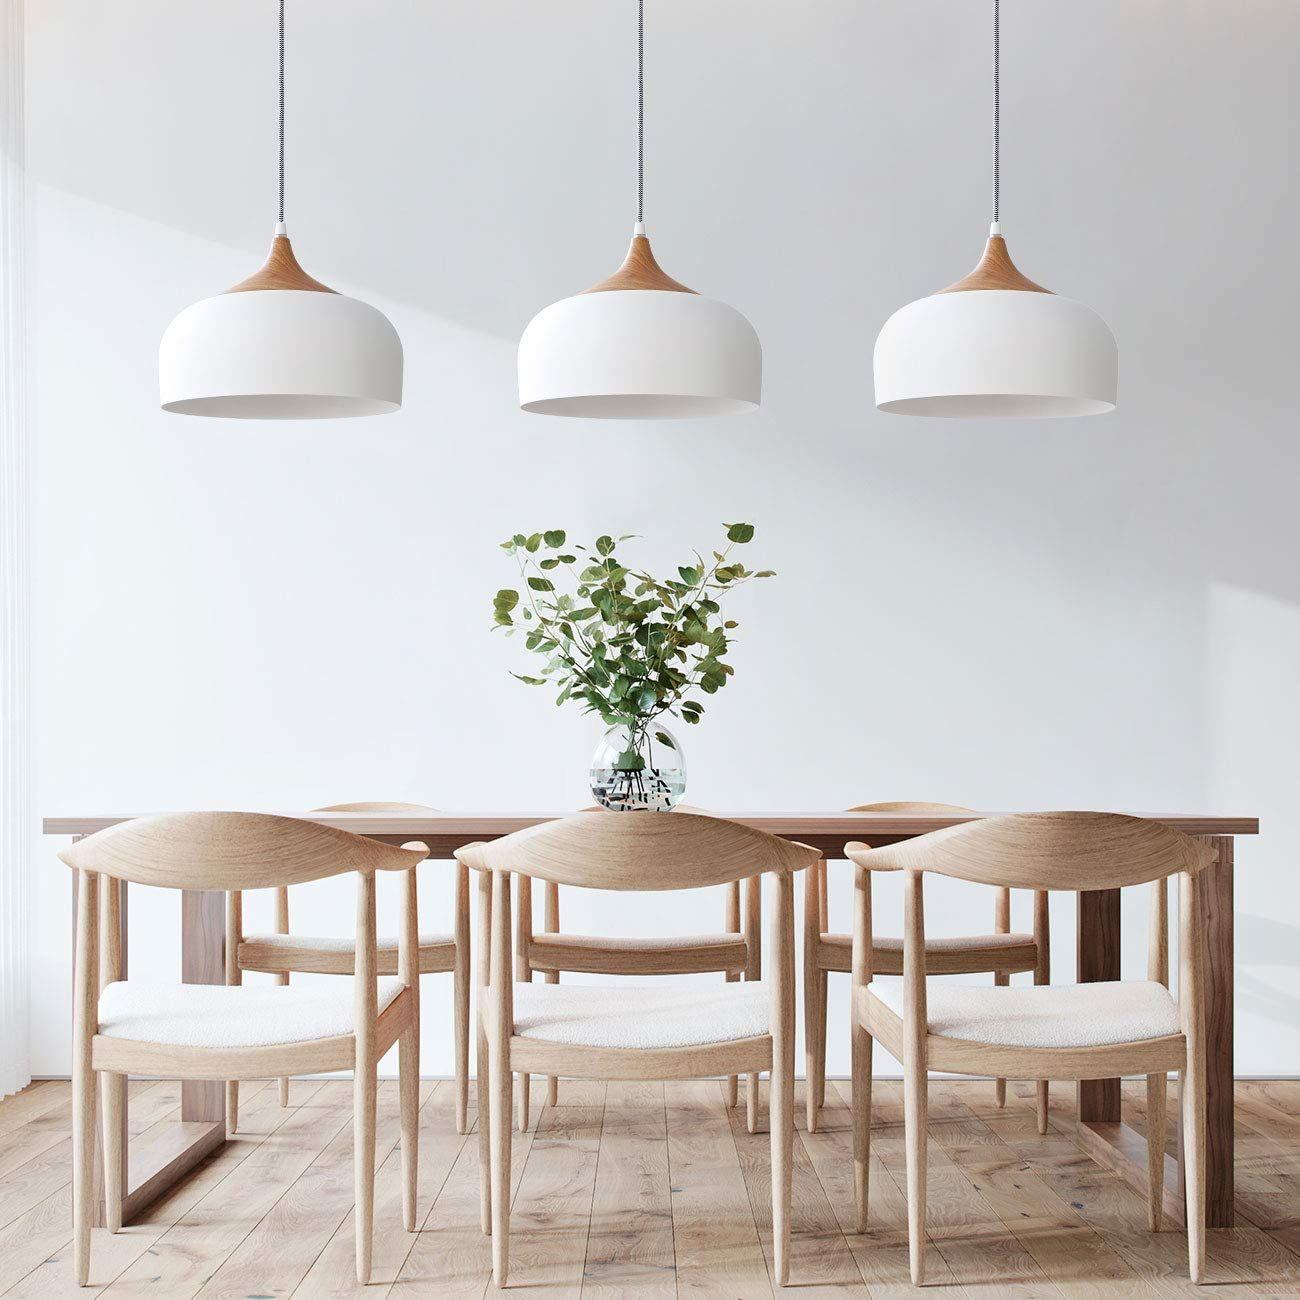 Moderna Lampara Led Colgante Dining Room Light Fixtures Scandinavian Dining Room Dining Room Pendant Dining room light fixtures